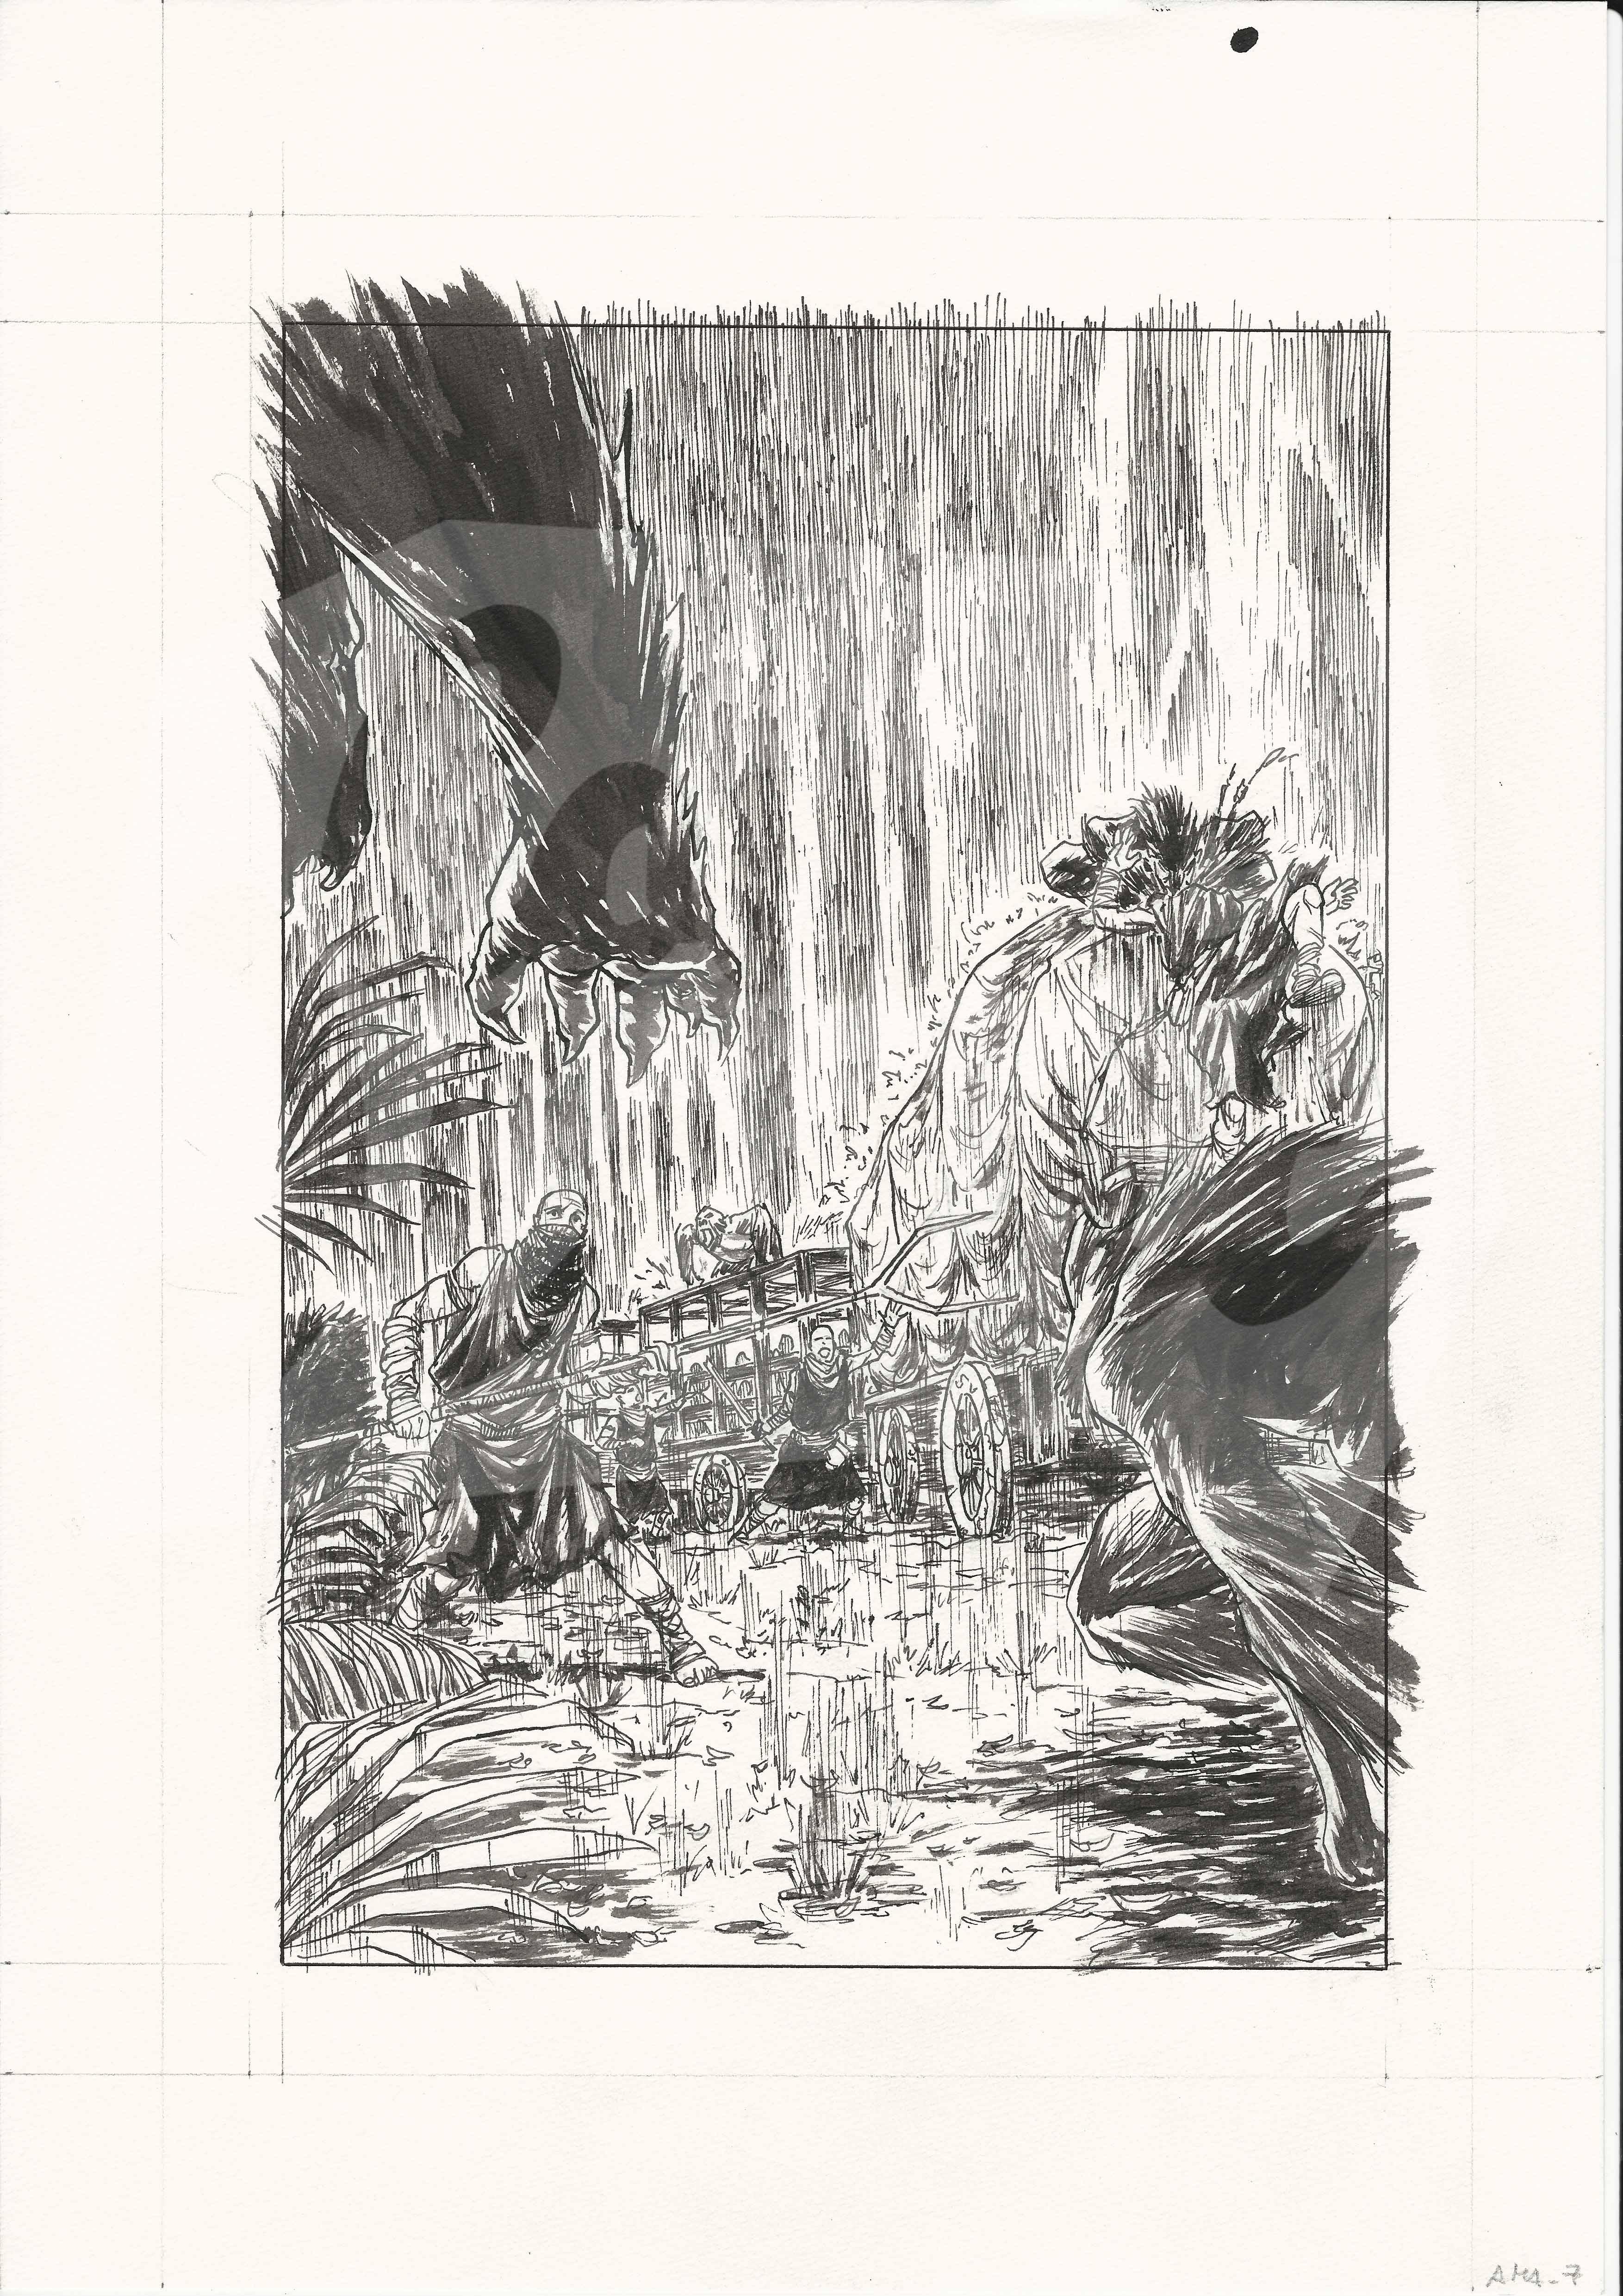 Amazzoni - Storie de la Progenitrice (Page 7)